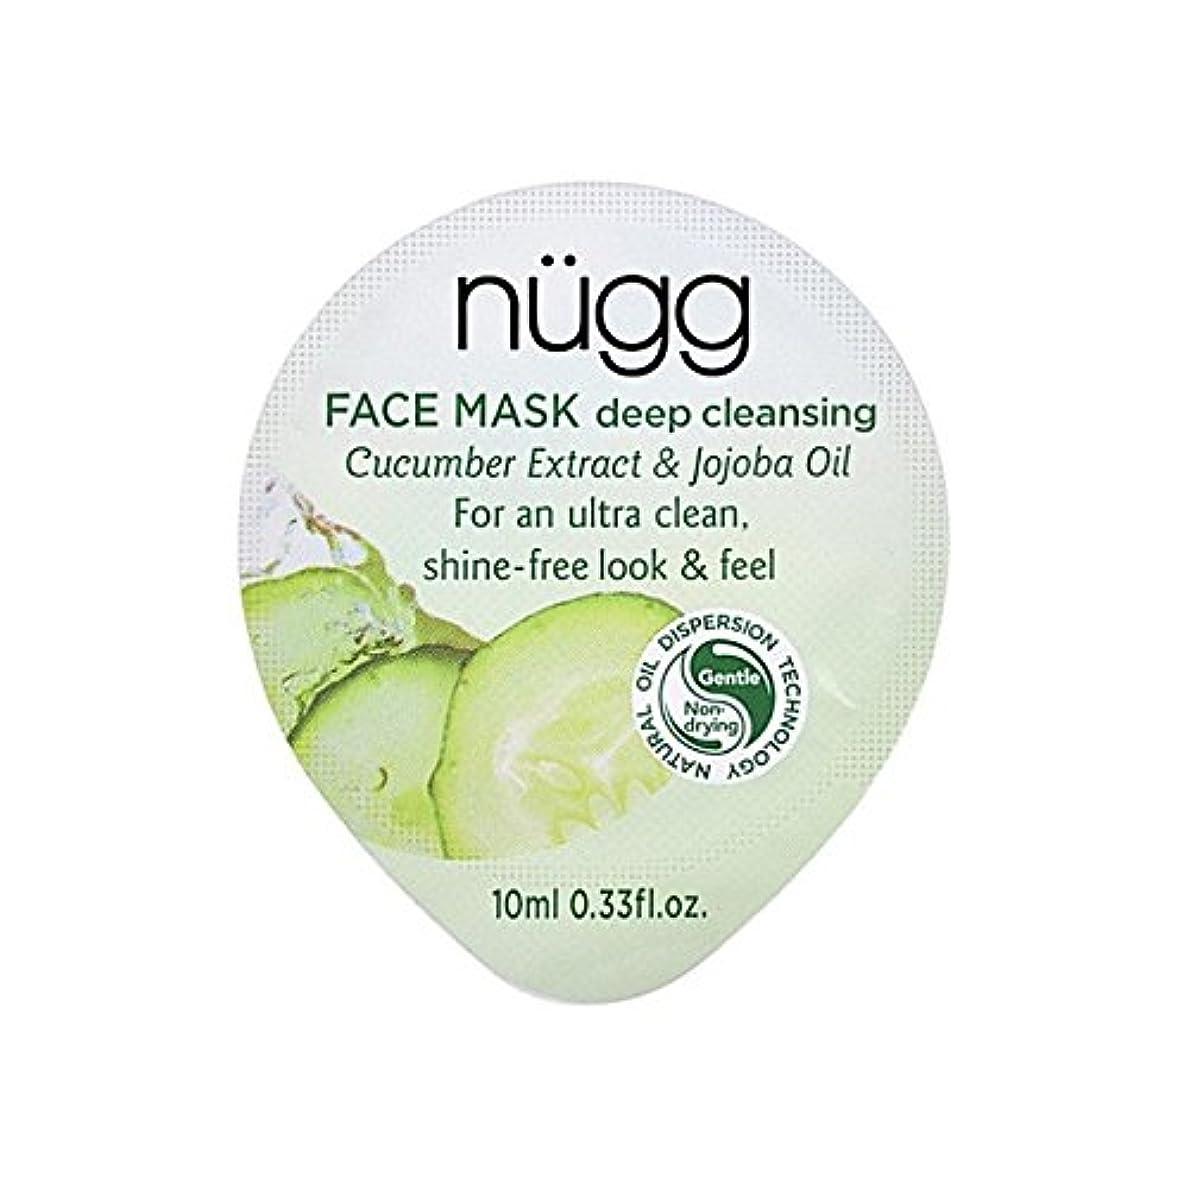 時間とともにもっともらしい気配りのあるディープクレンジングフェイスマスク x2 - Nugg Deep Cleansing Face Mask (Pack of 2) [並行輸入品]